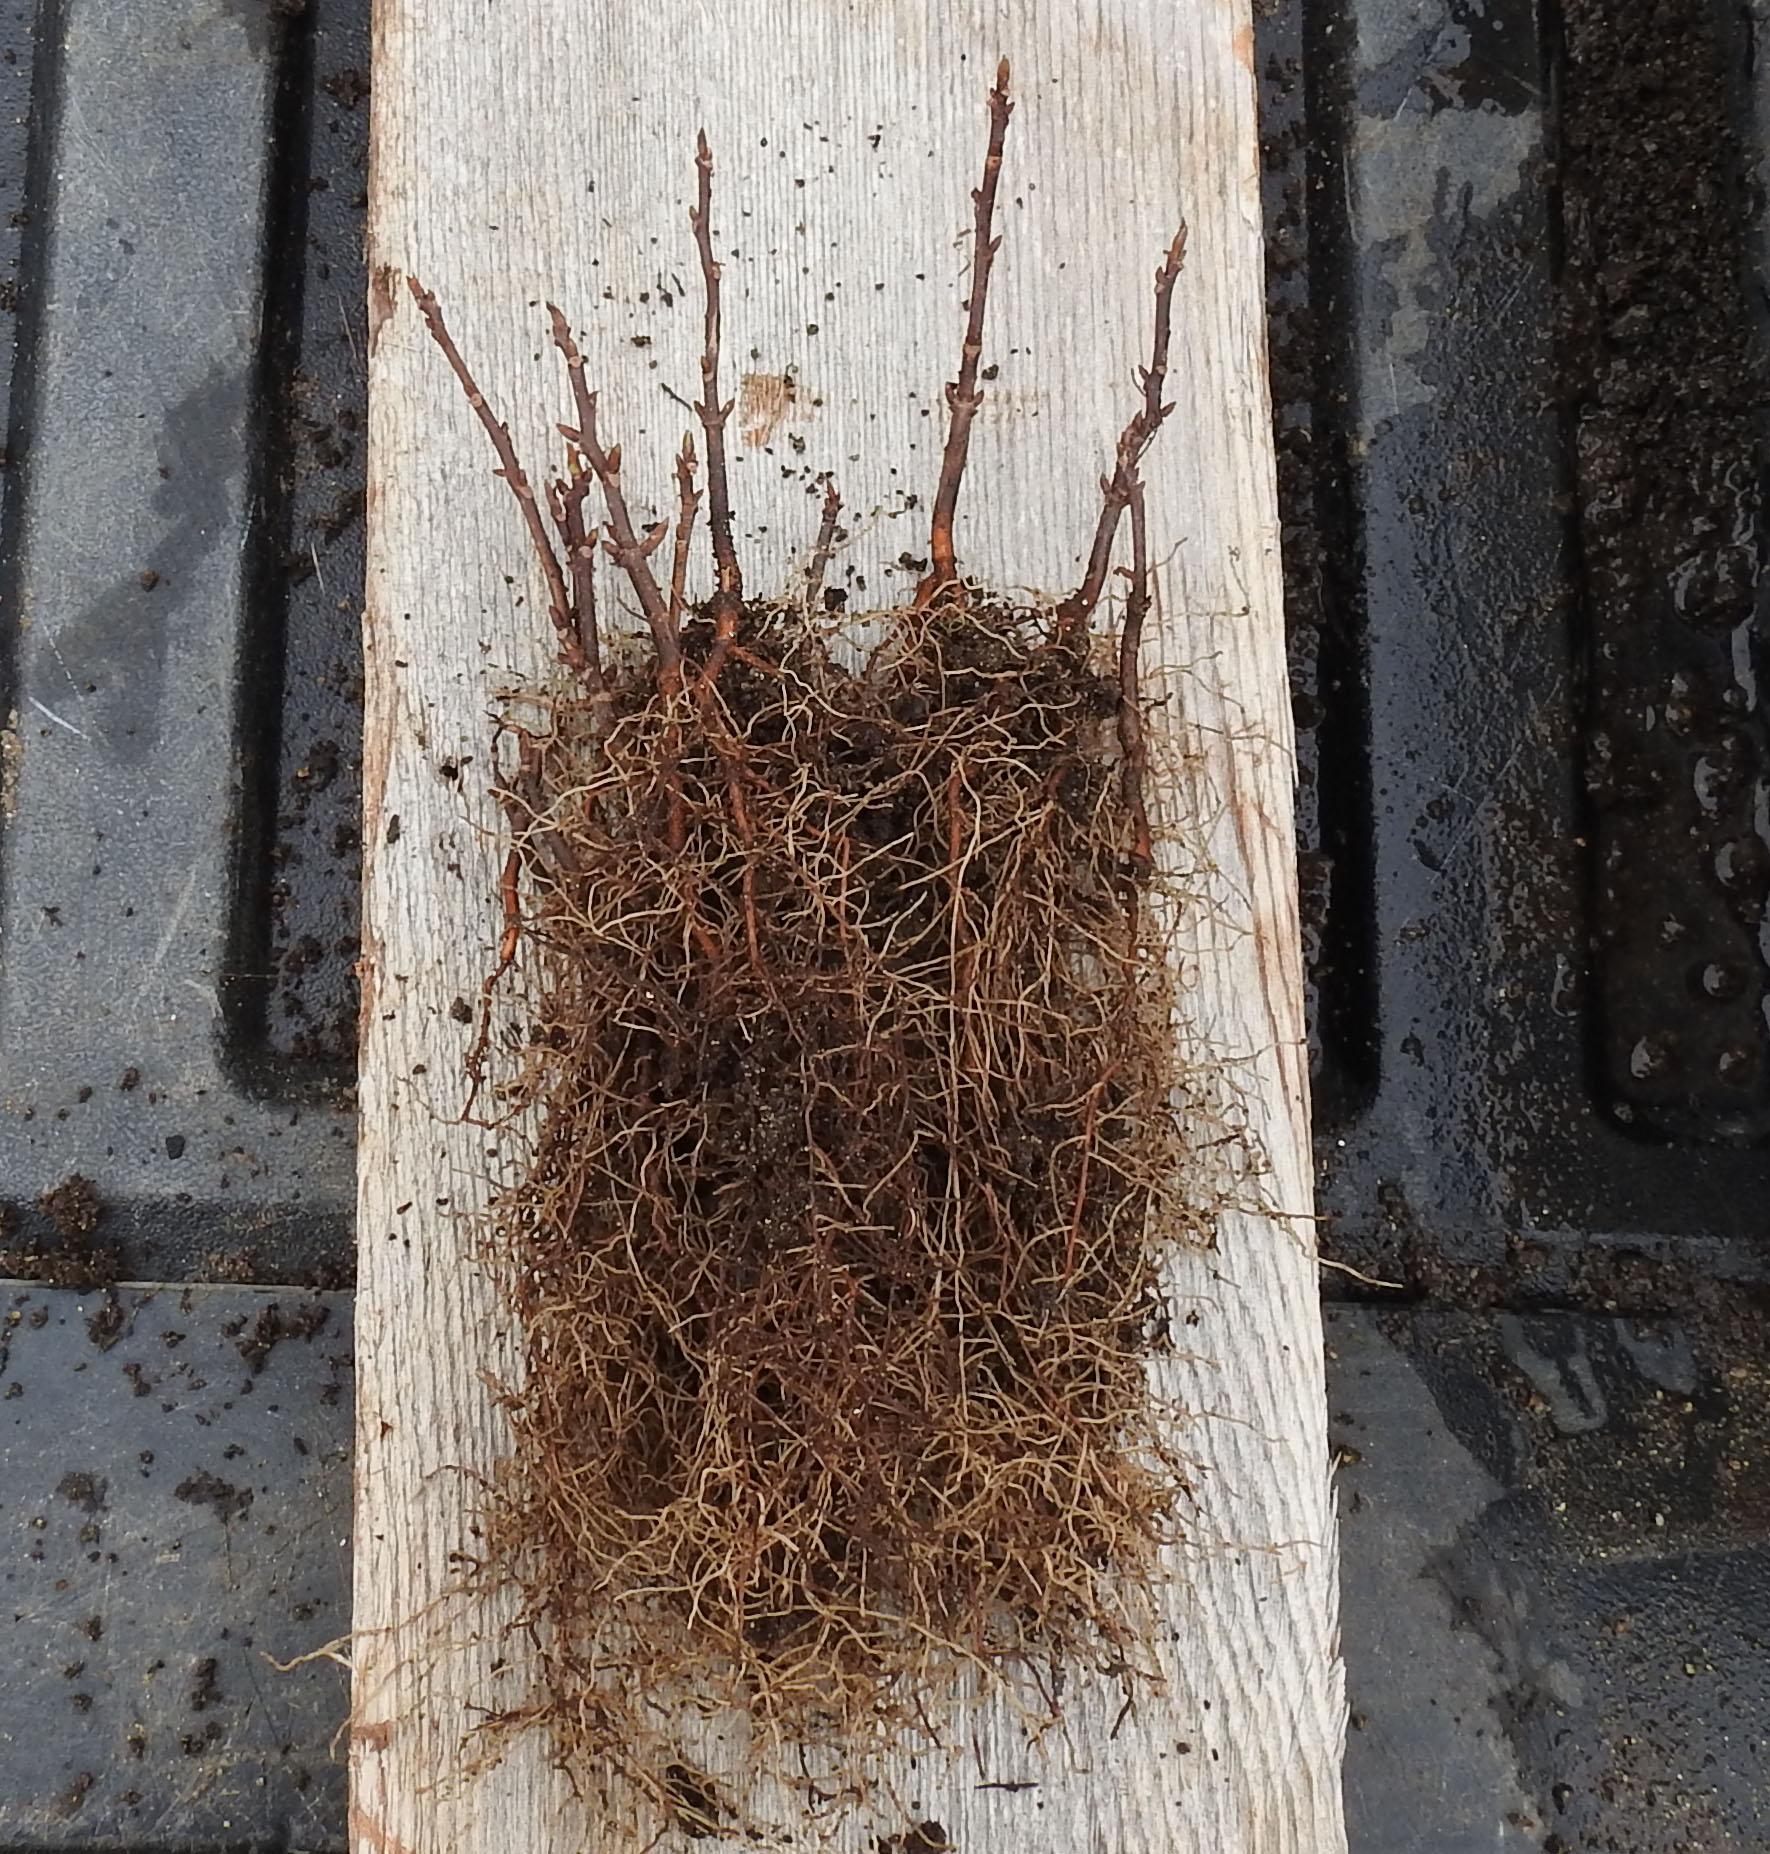 Schisandra, Official (Schisandra chinensis) seeds